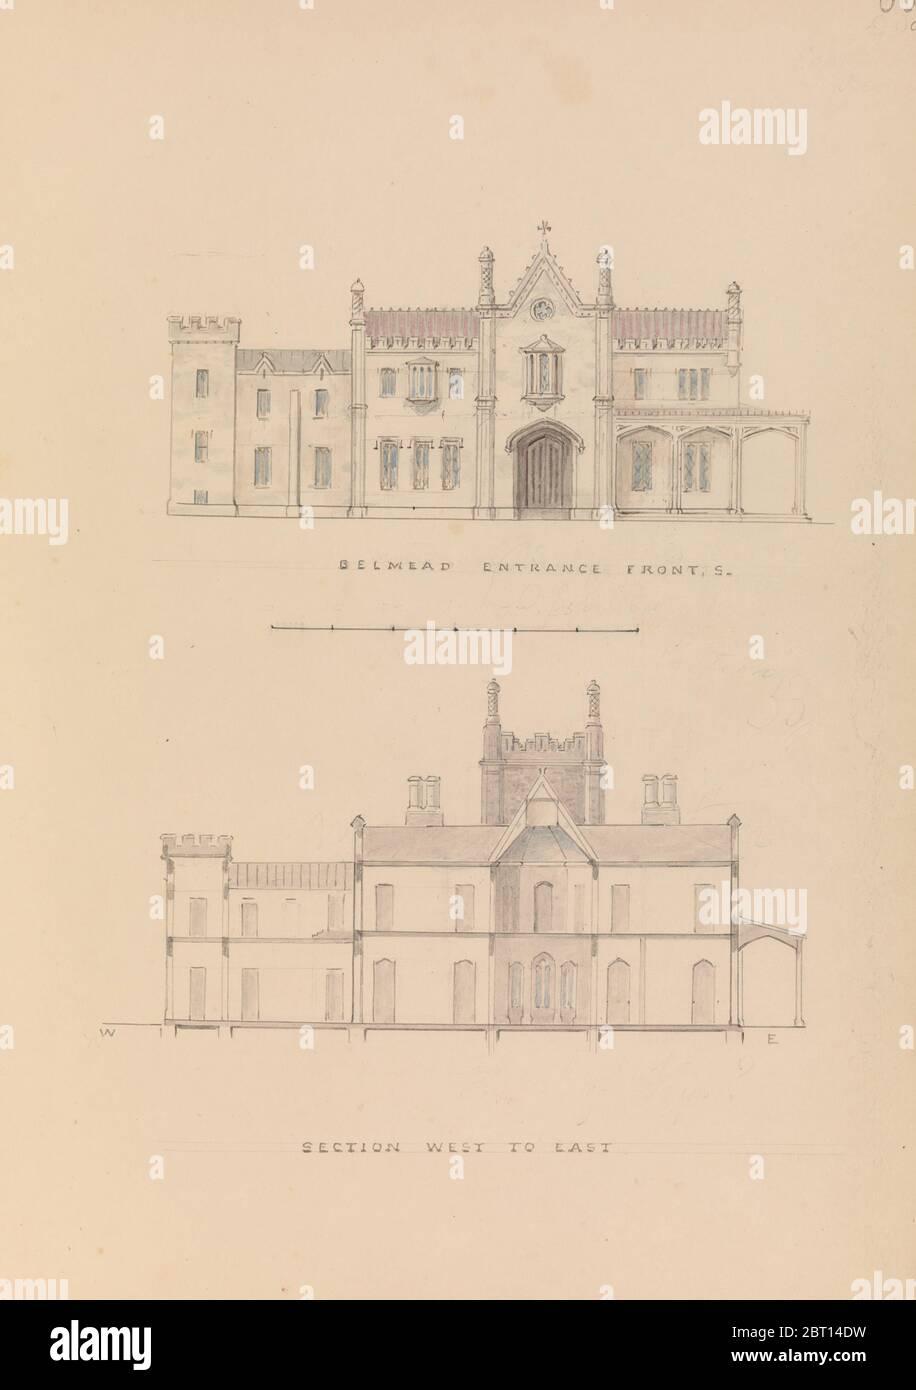 Belmead, James River, Virginie : entrée faç partie ouest-est (recto); section nord-sud et plan de l'étage supérieur (verso), 1845. Banque D'Images